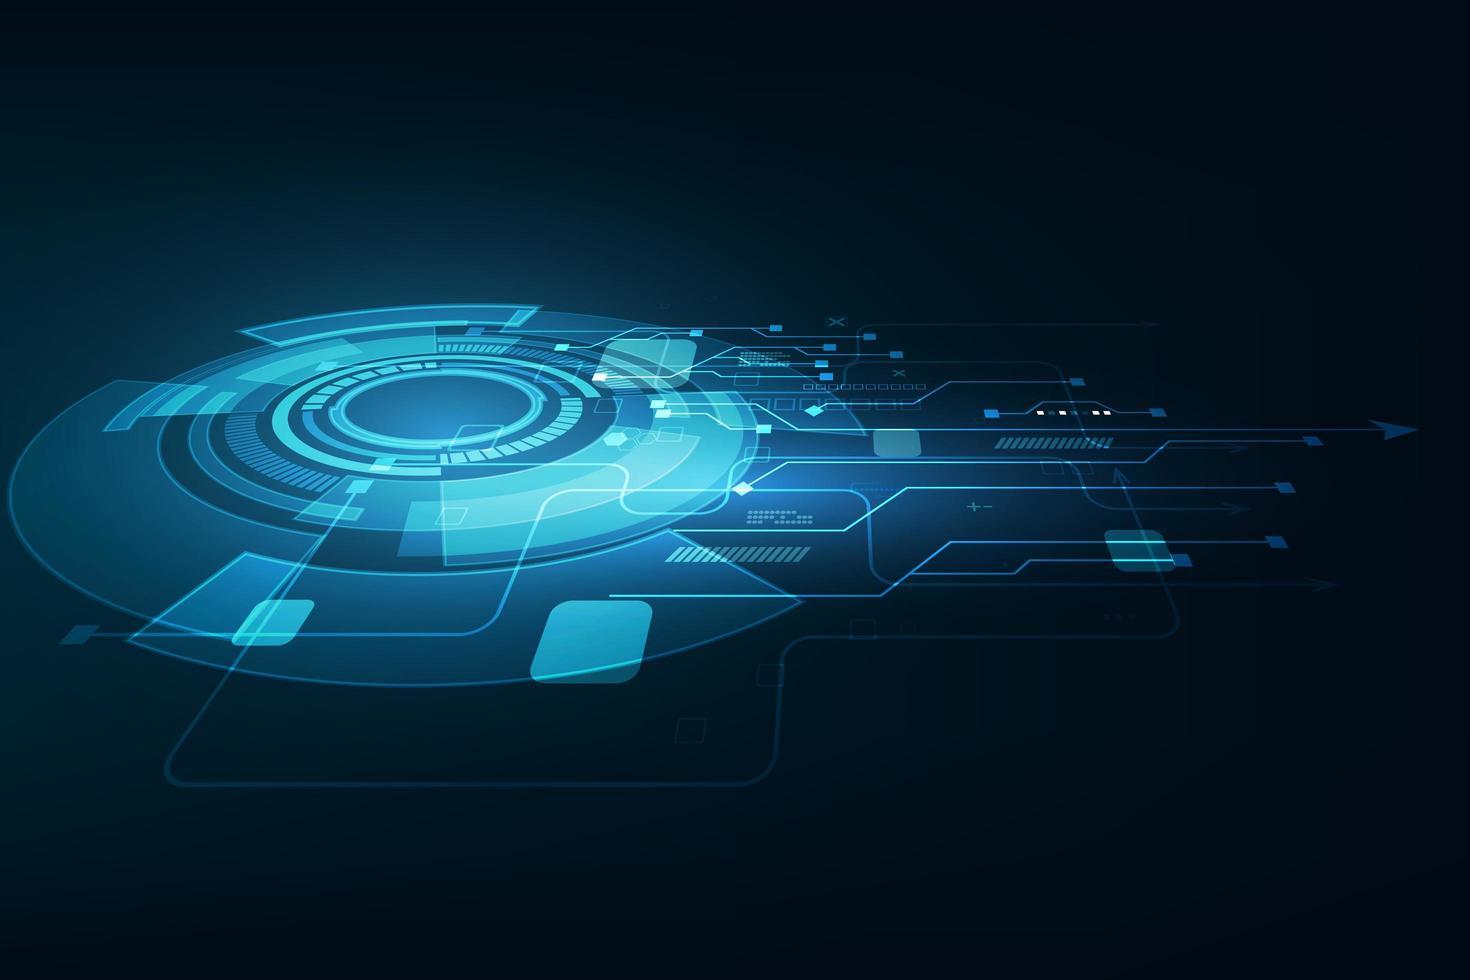 technologie future abstraite de vecteur, fond de télécommunications électriques vecteur